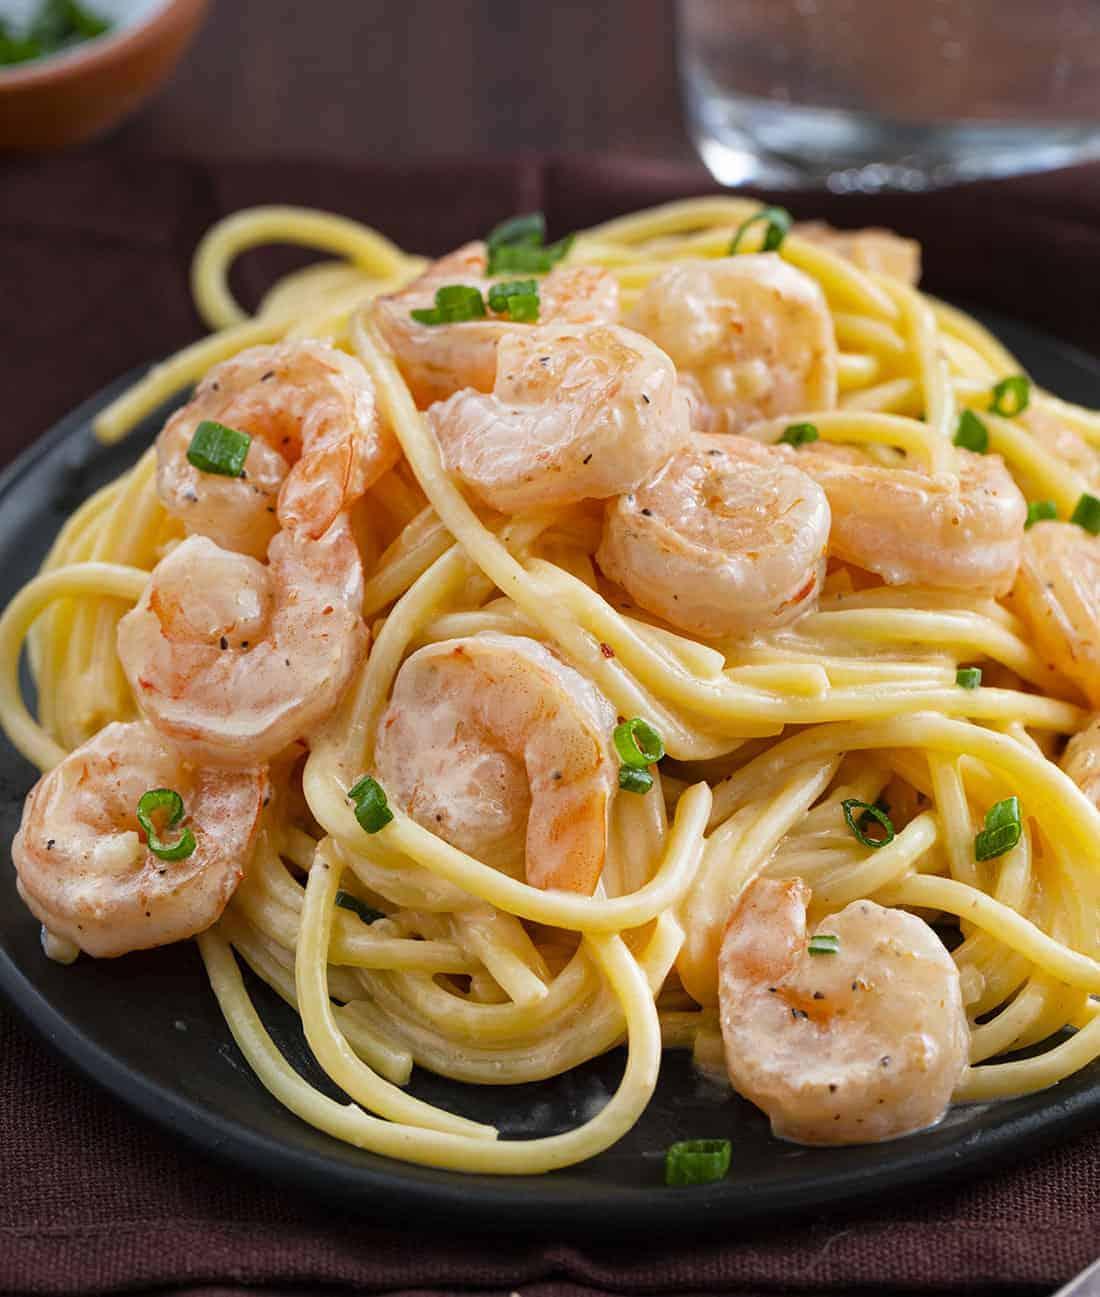 Plate of Bang Bang Shrimp Pasta Recipe